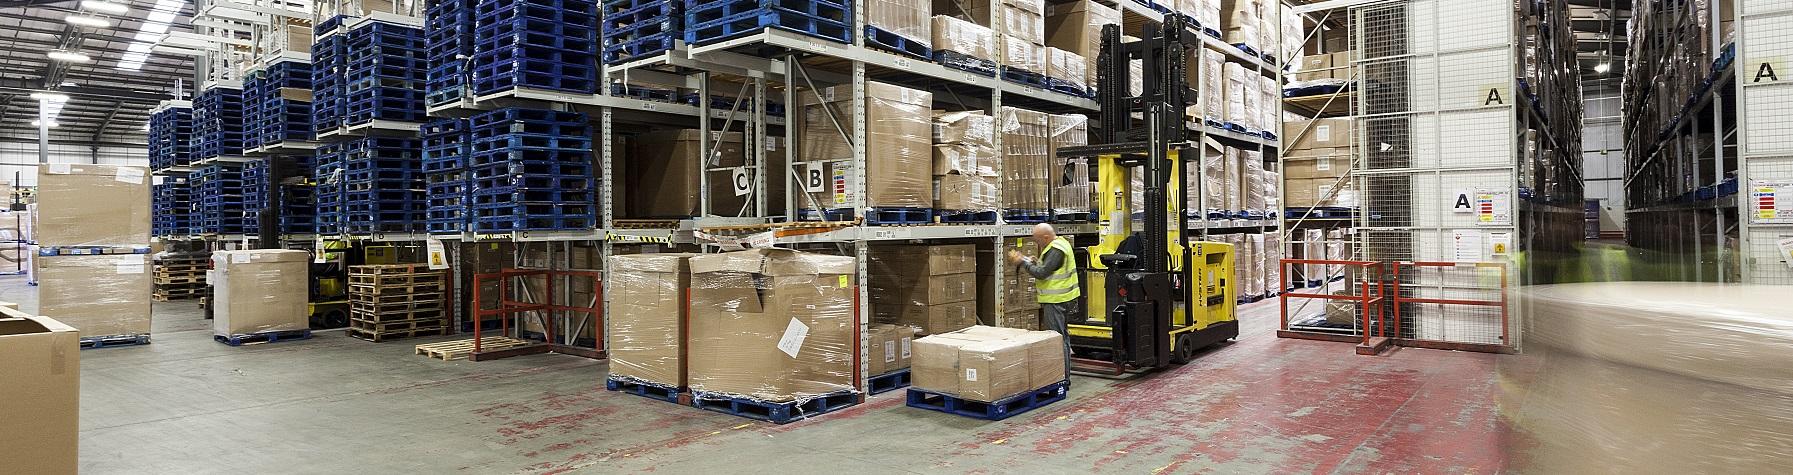 Depot-2-warehouse